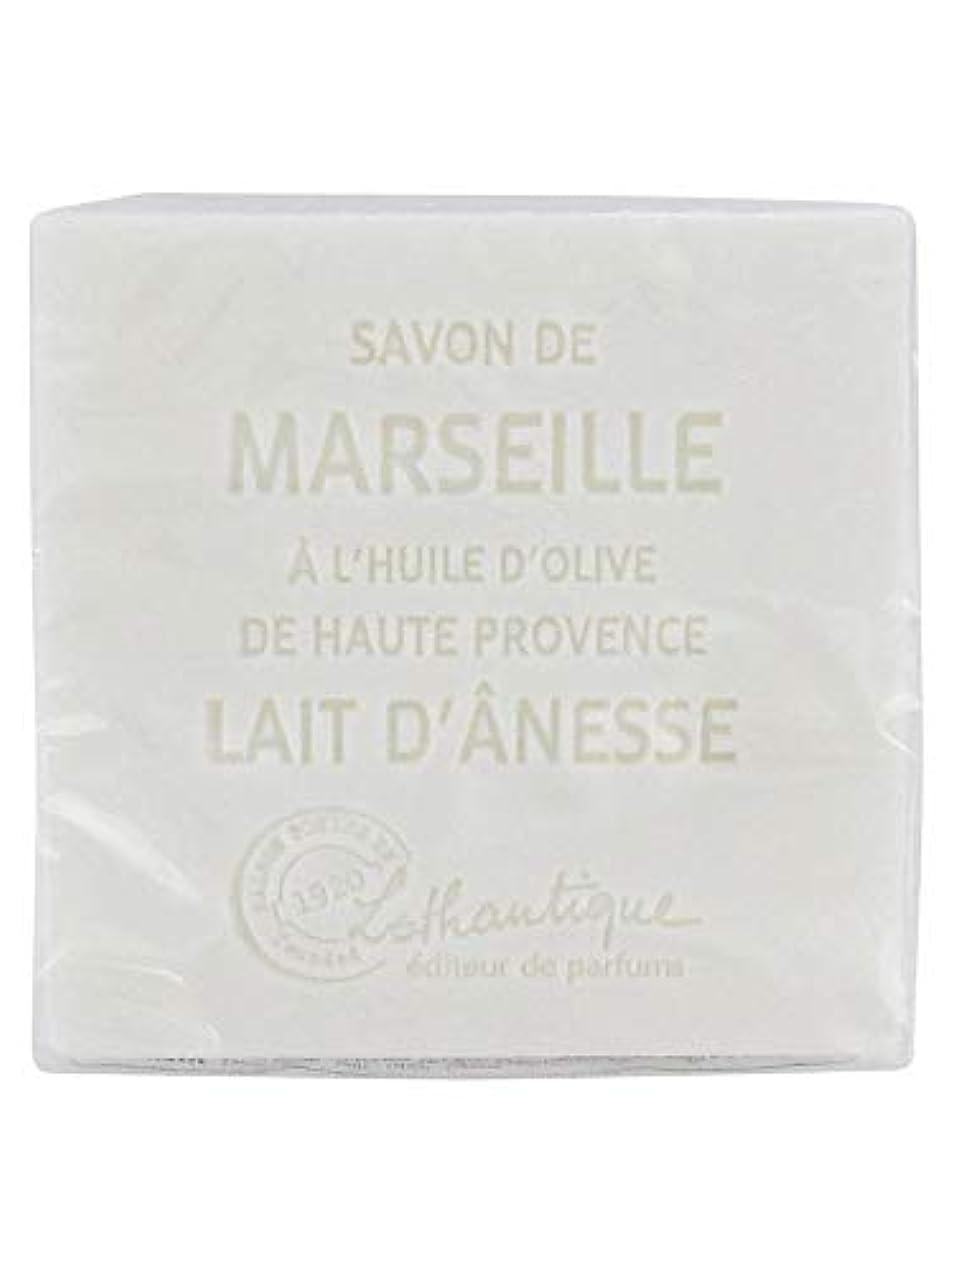 実用的対シロクマLothantique(ロタンティック) Les savons de Marseille(マルセイユソープ) マルセイユソープ 100g 「ミルク(ロバミルク)」 3420070038043